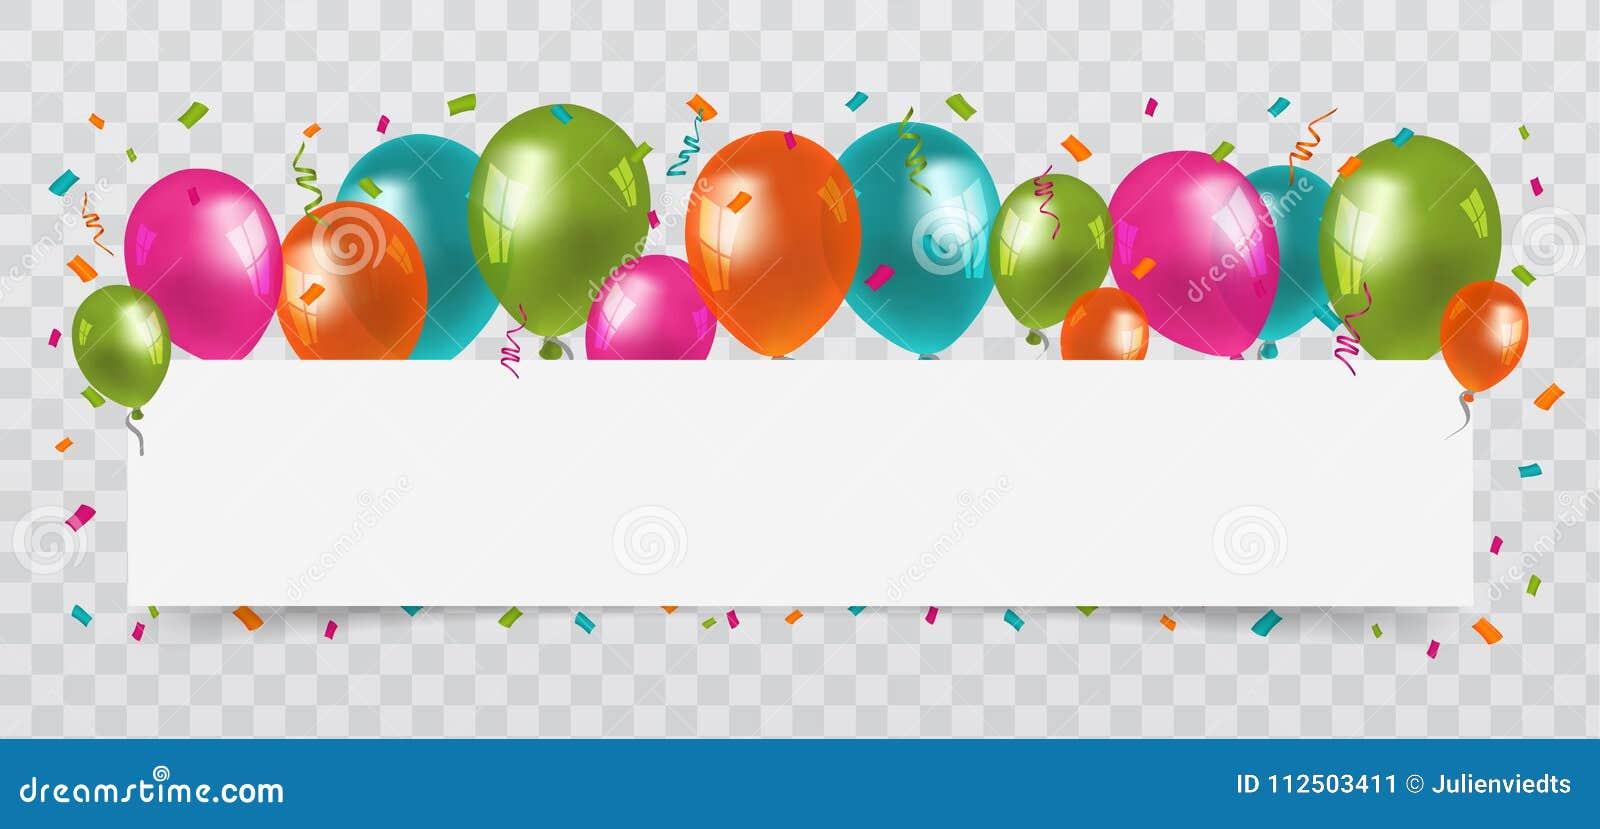 Ζωηρόχρωμα μπαλόνια με το κομφετί και τη Λευκή Βίβλο ταινιών ελεύθερου χώρου ανασκόπηση διαφανής Γενέθλια, κόμμα και διάνυσμα καρ